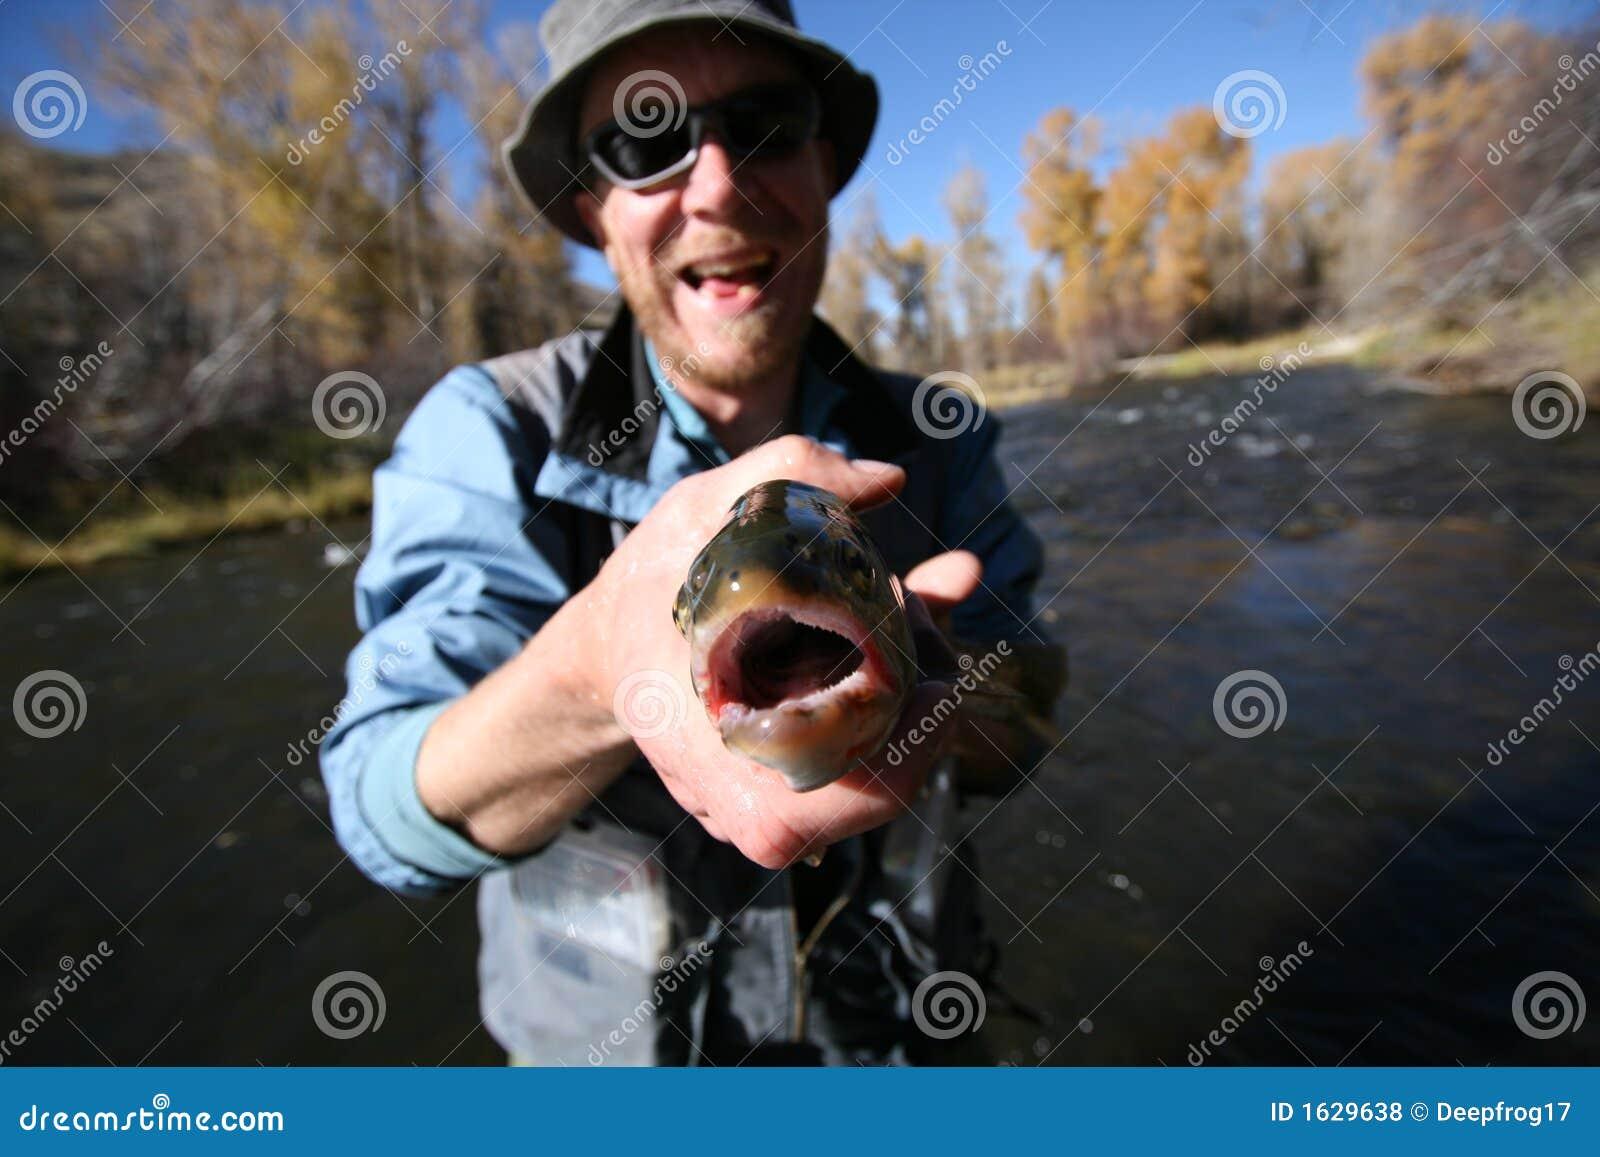 Mówi rybak ryb uśmiech